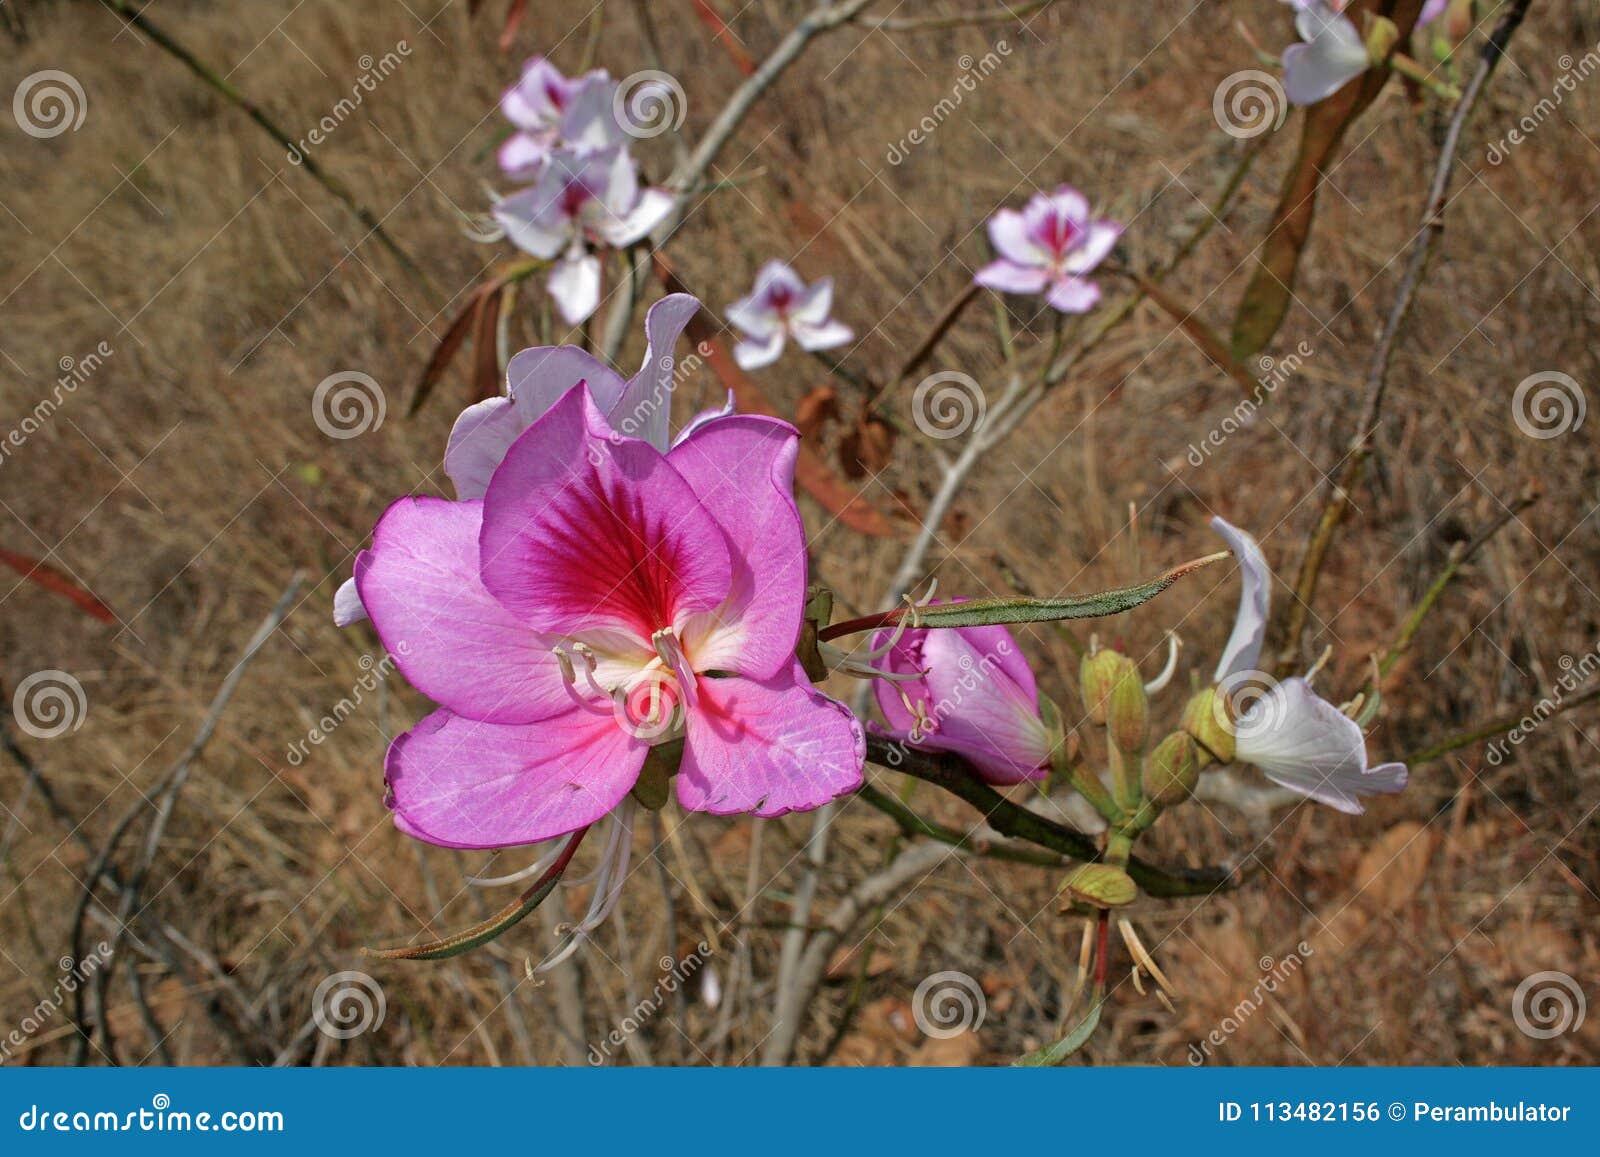 BRIGHT PINK WILD FLOWER IN GRASSLAND